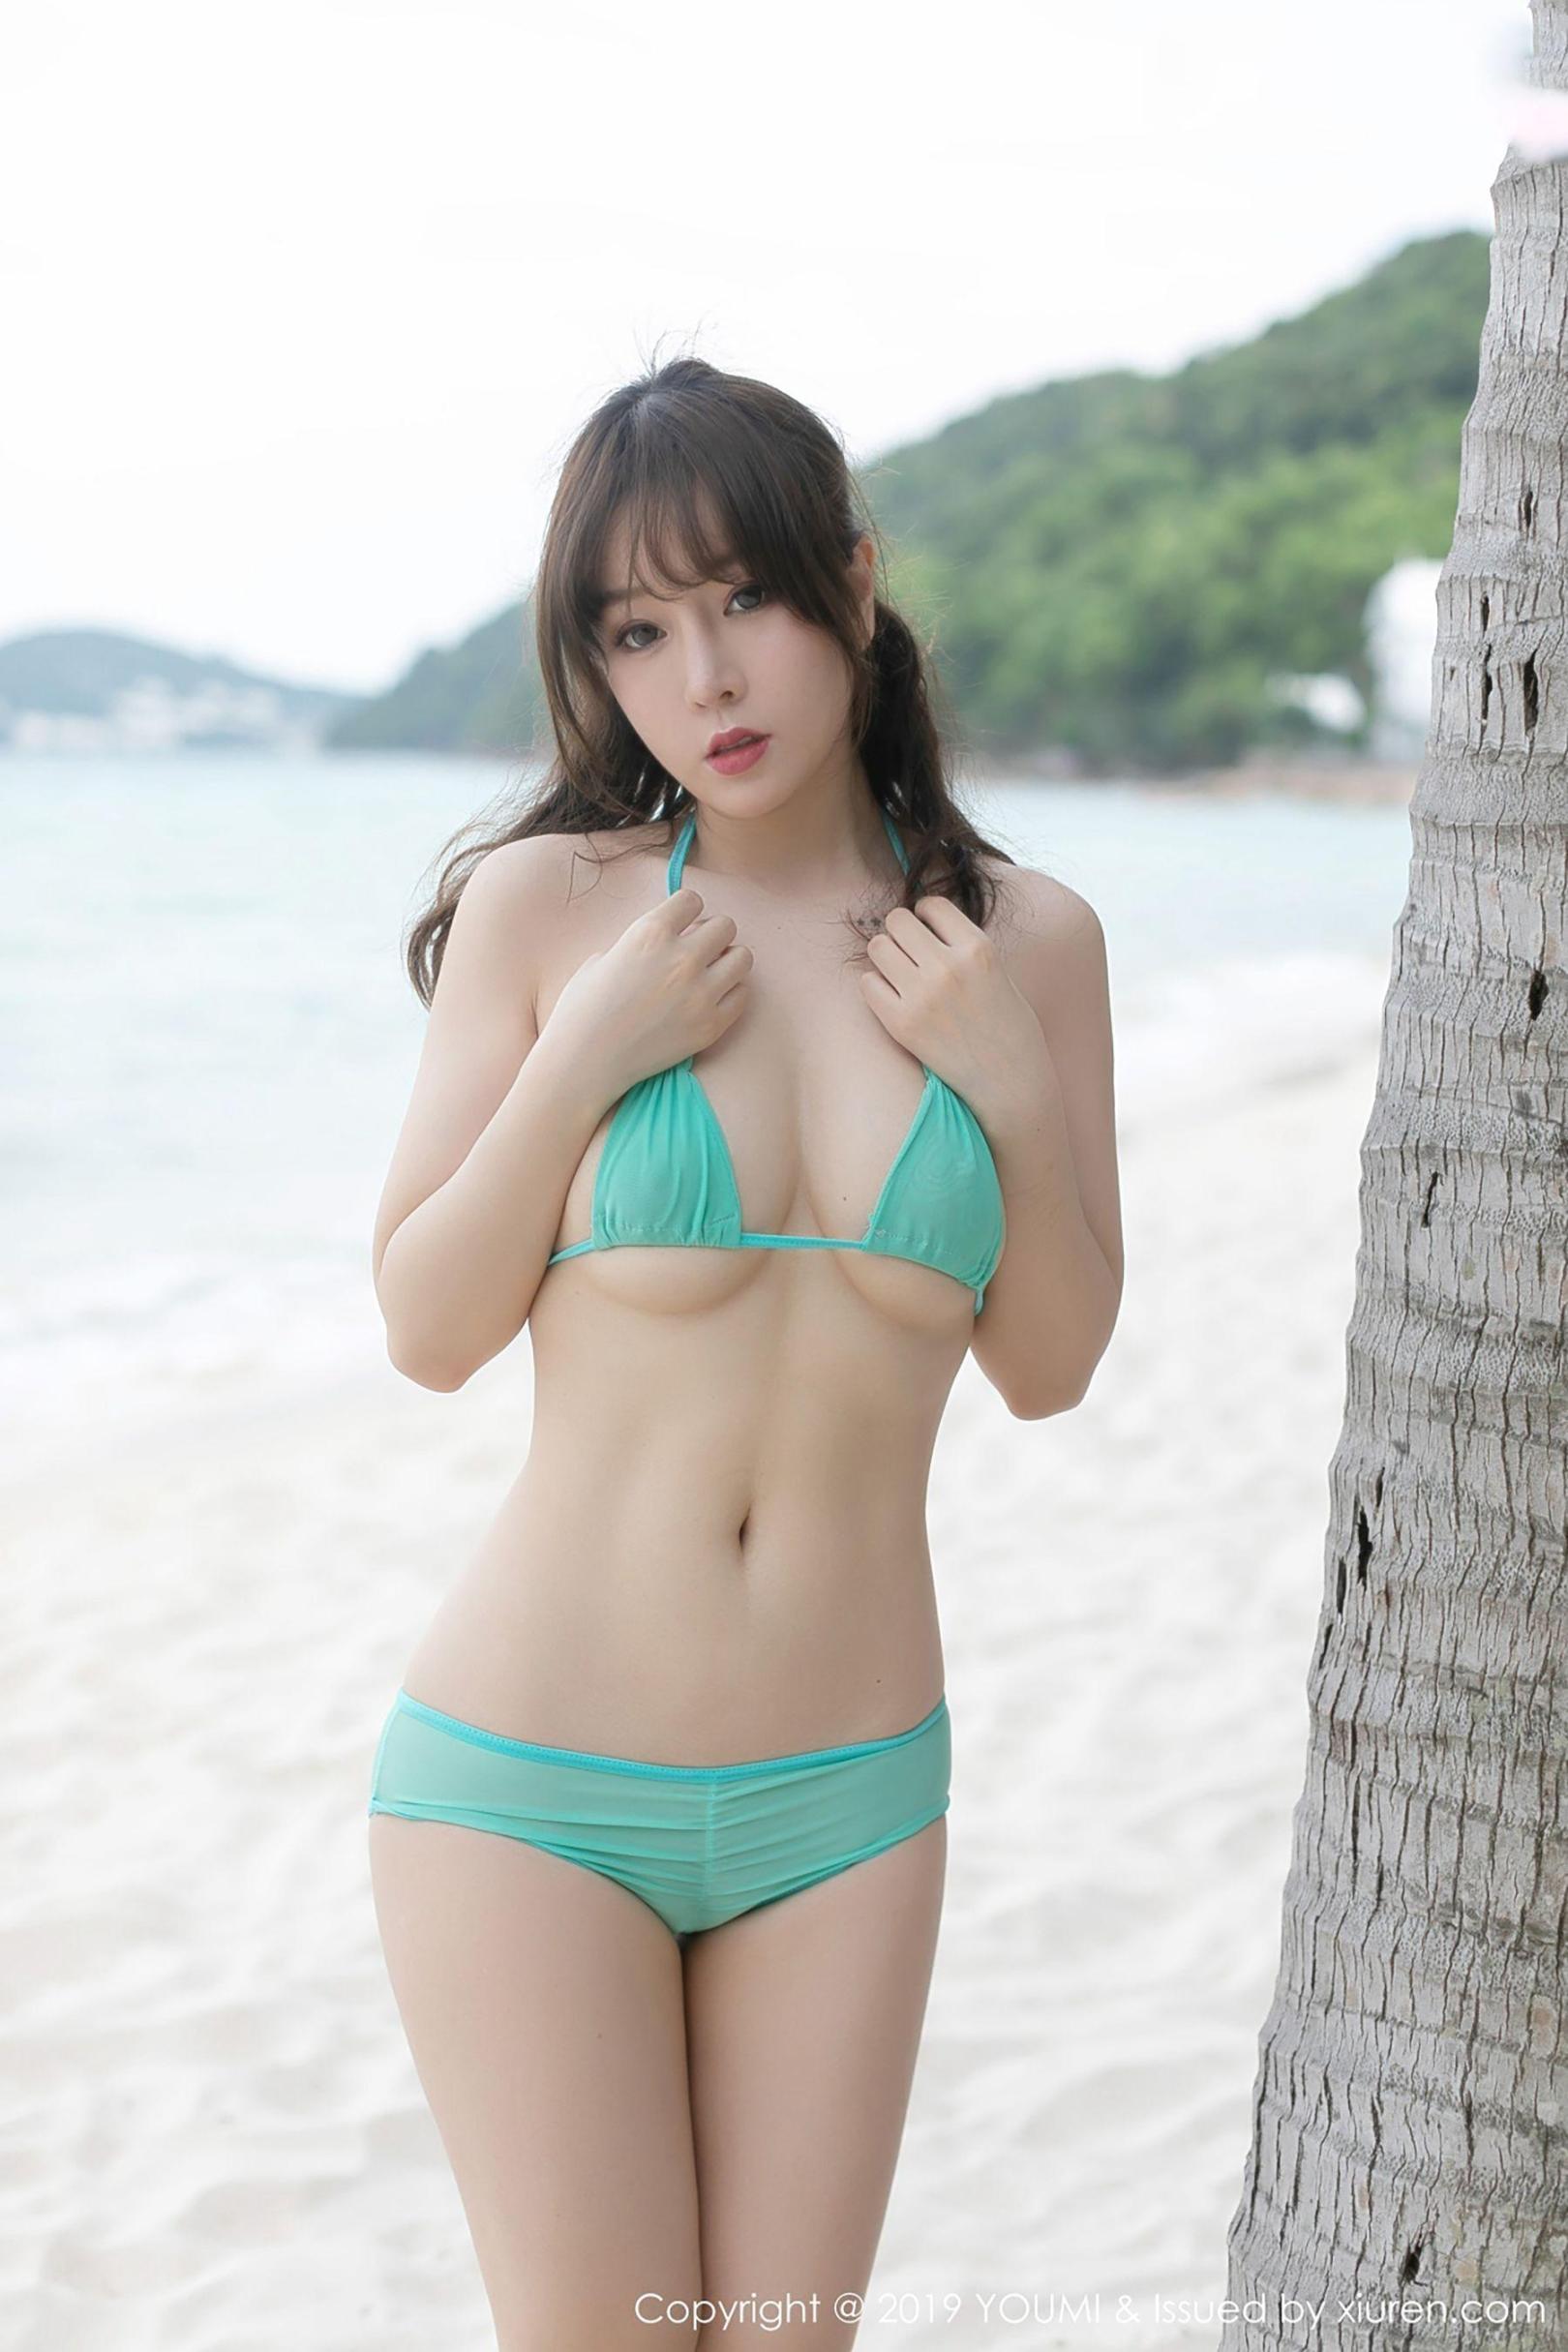 [波萝社] 王雨纯 沙滩边比基尼诱惑 高清写真套图